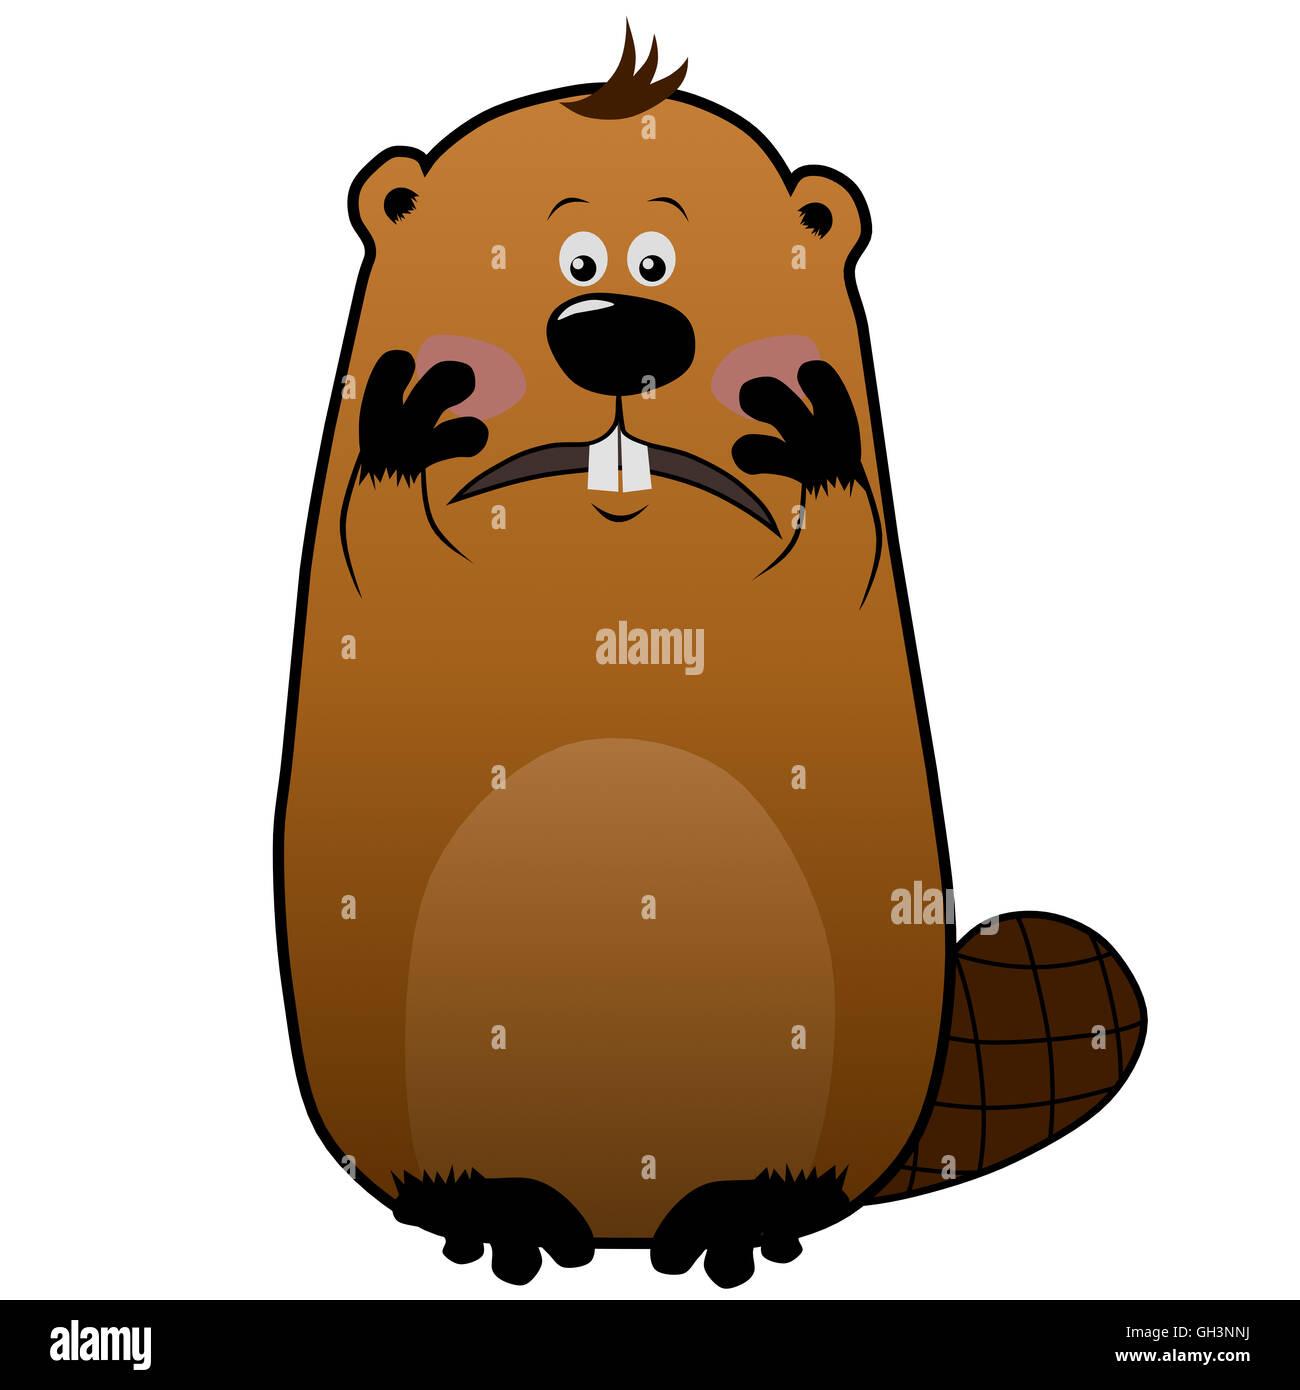 Embarrassed cartoon beaver sobre fondo blanco, las emociones Imagen De Stock